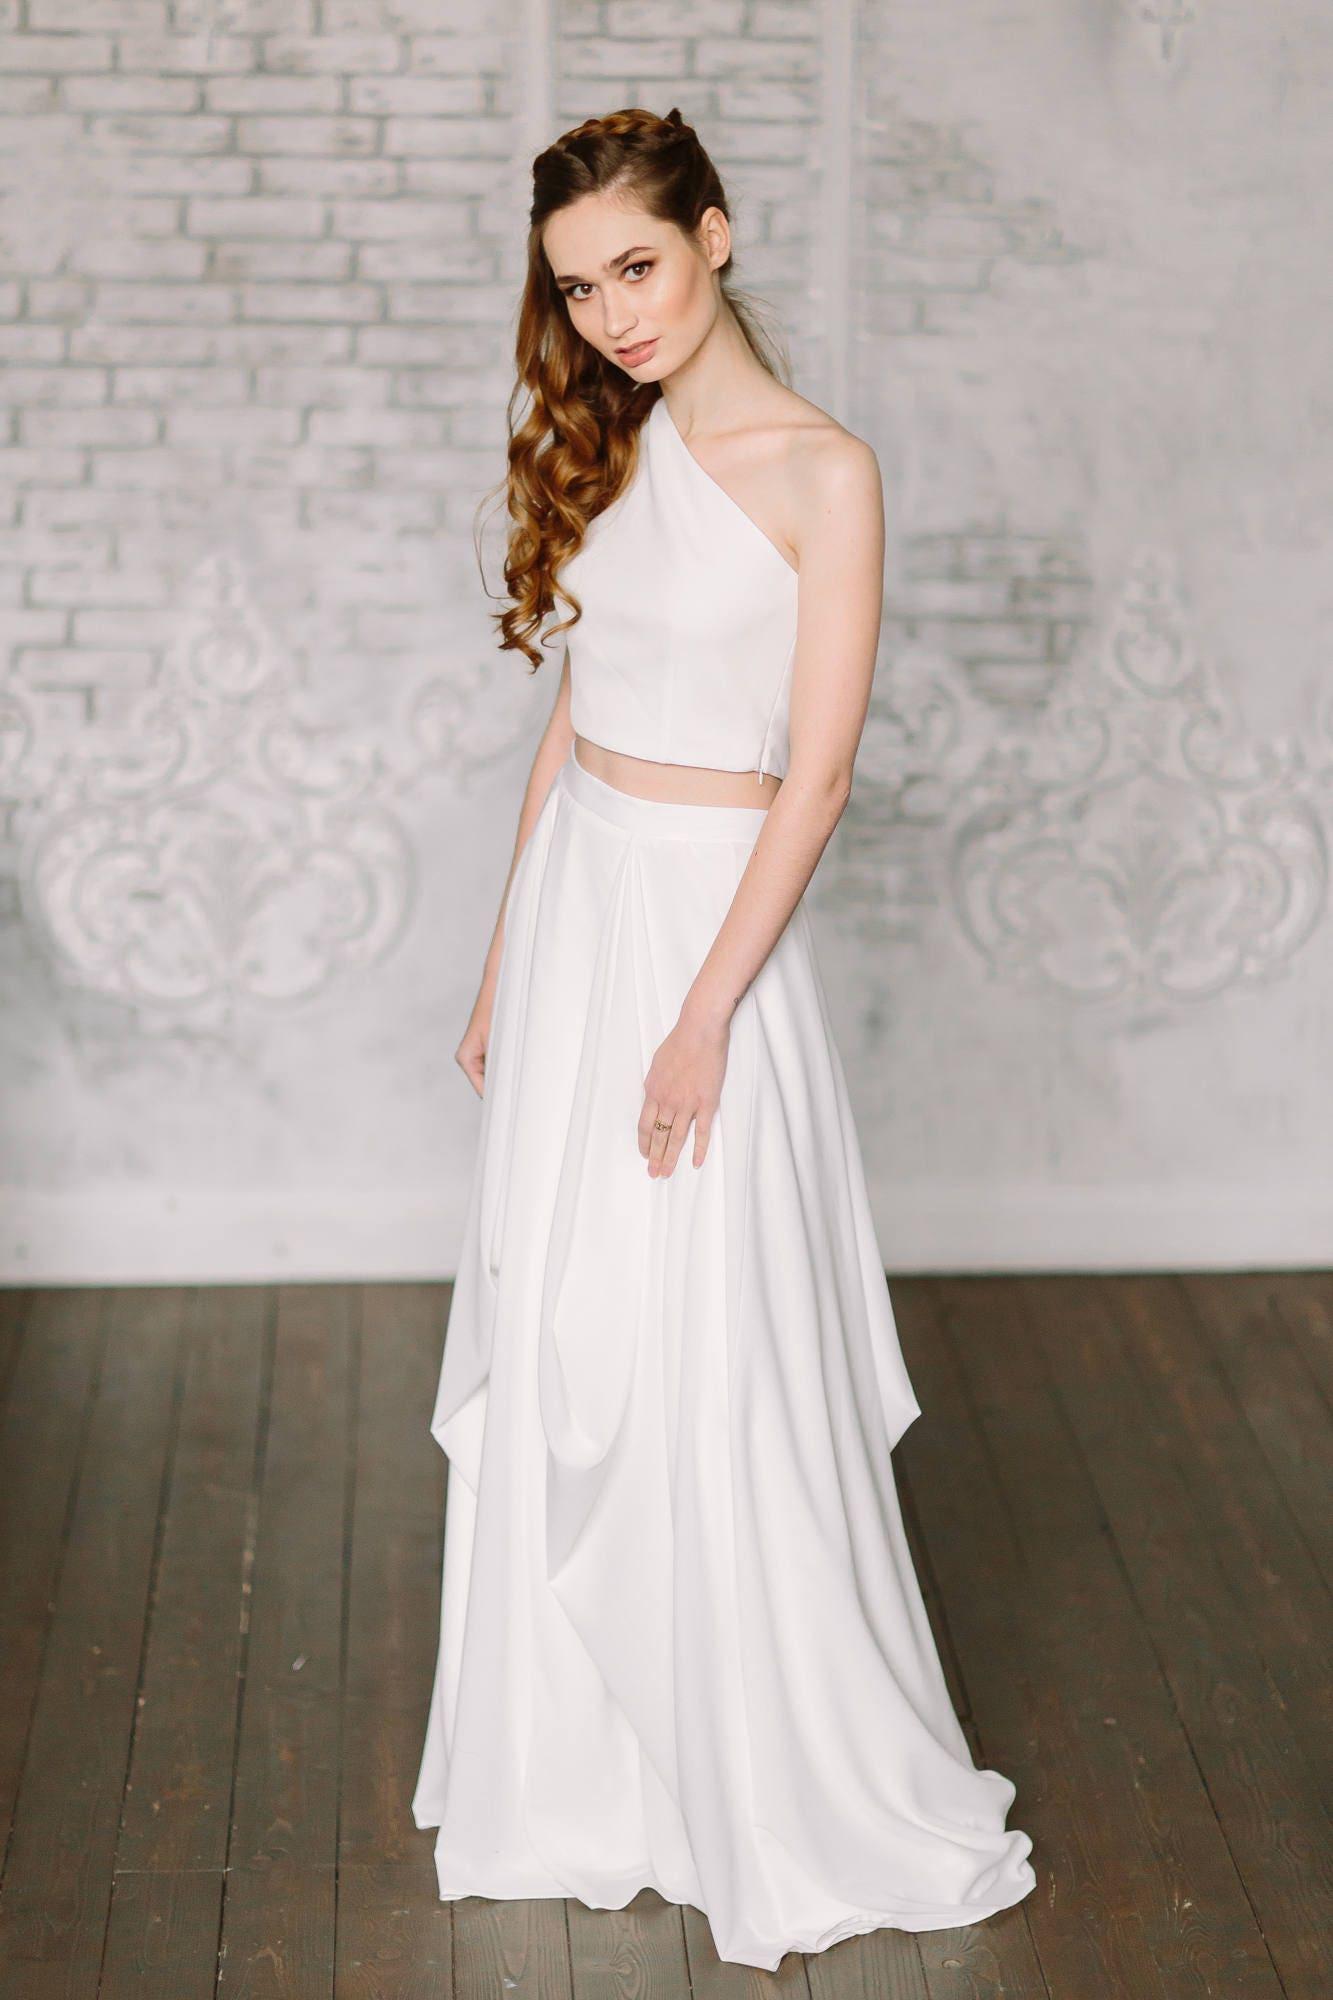 Fein Spitze Gesleevt Kleider Hochzeit Ideen - Brautkleider Ideen ...